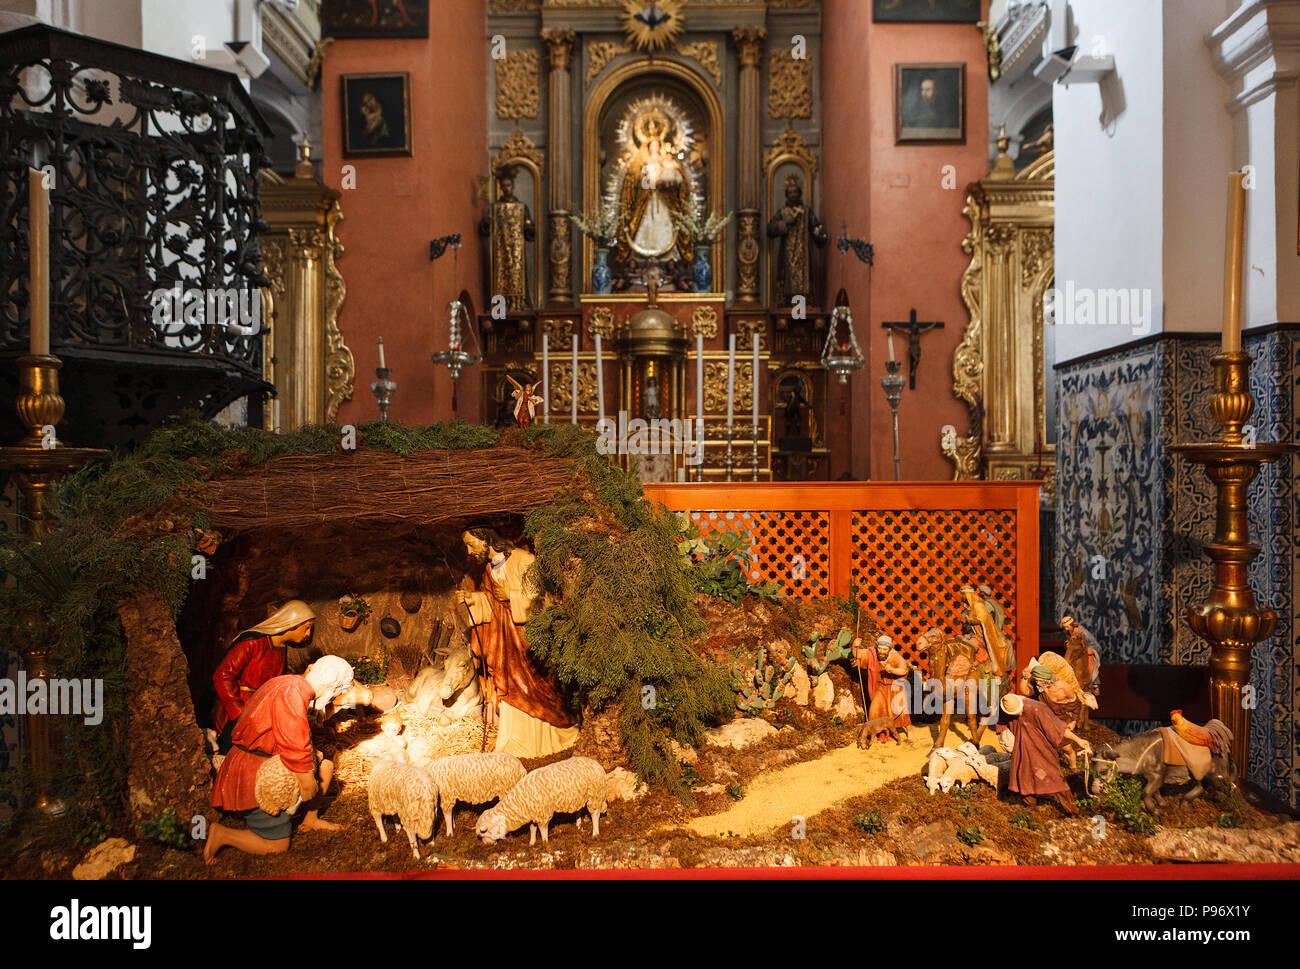 Weihnachten Im Christentum.Weihnachten Krippe Mit Figuren Wie Jesus Maria Josef Schafe Und